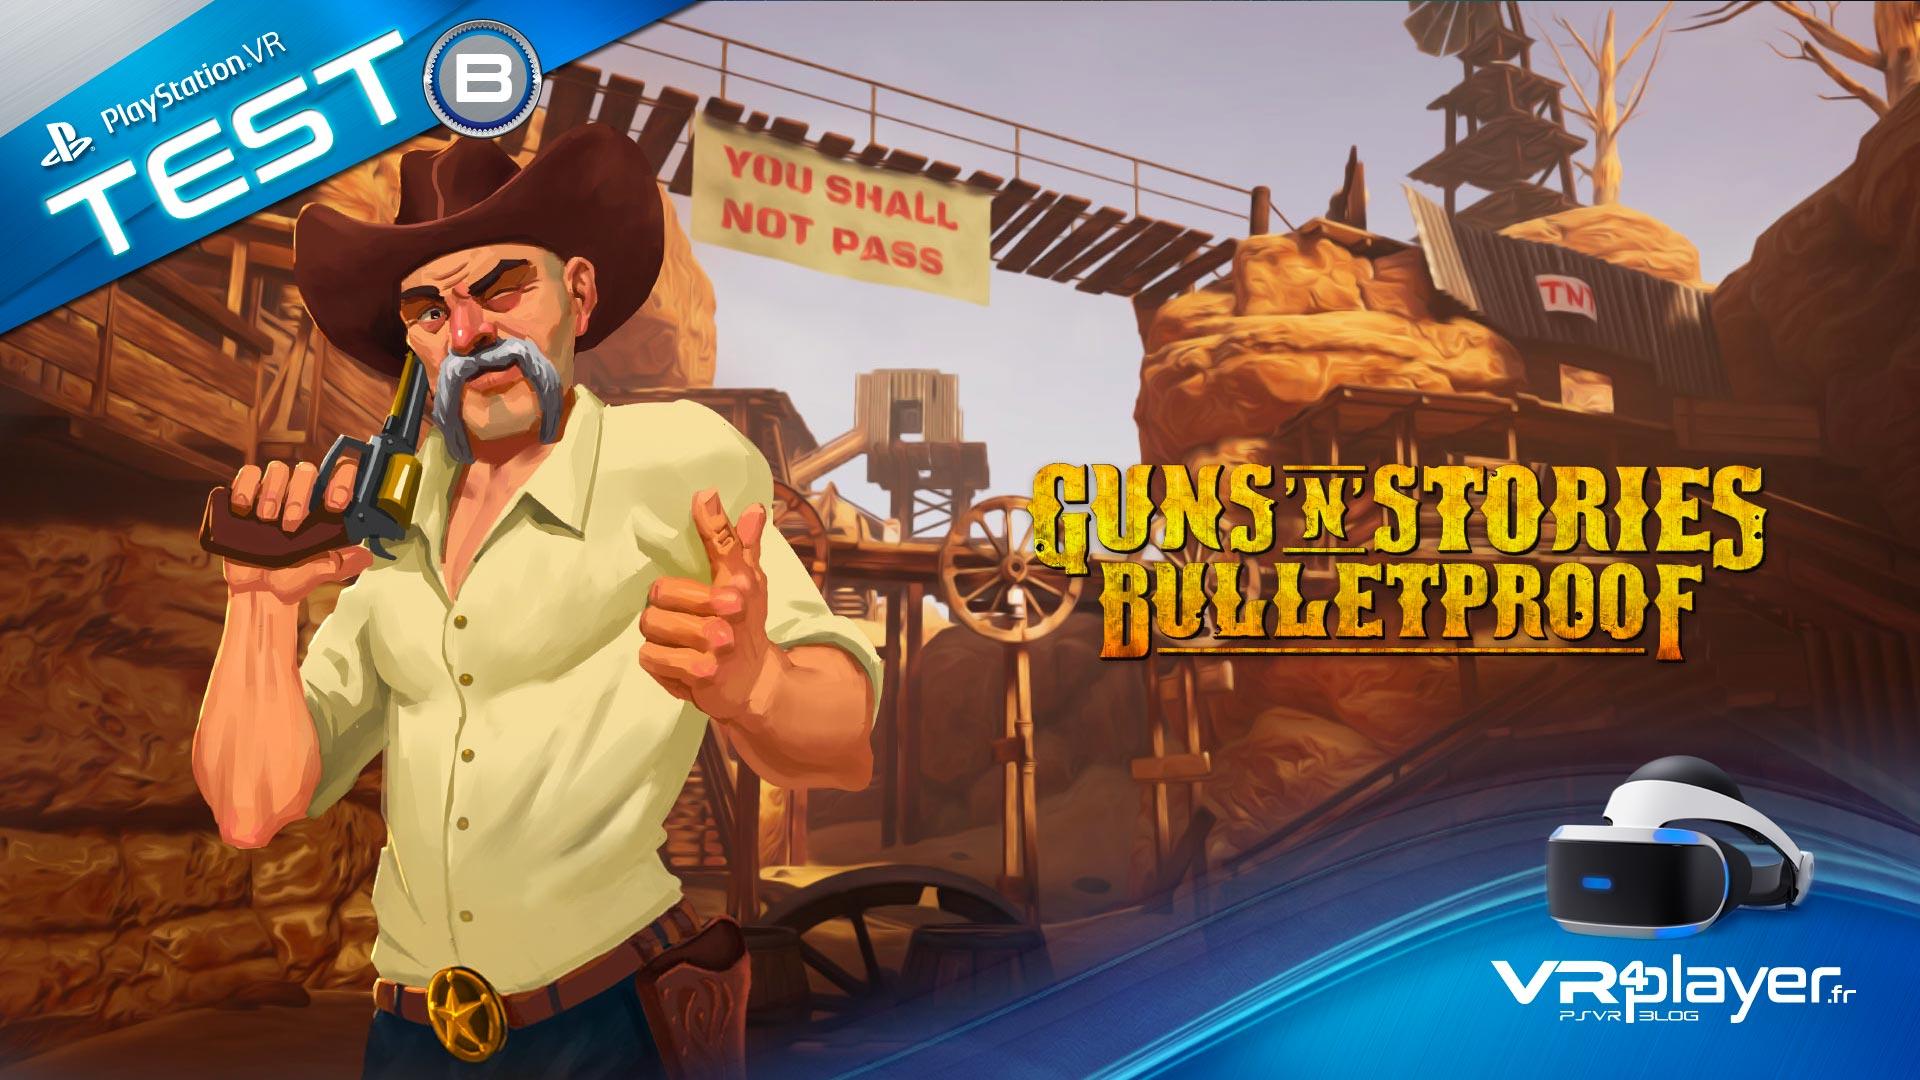 Guns'n'Stories: Bulletproof VR, PlayStation VR, PSVR, VR4player.fr